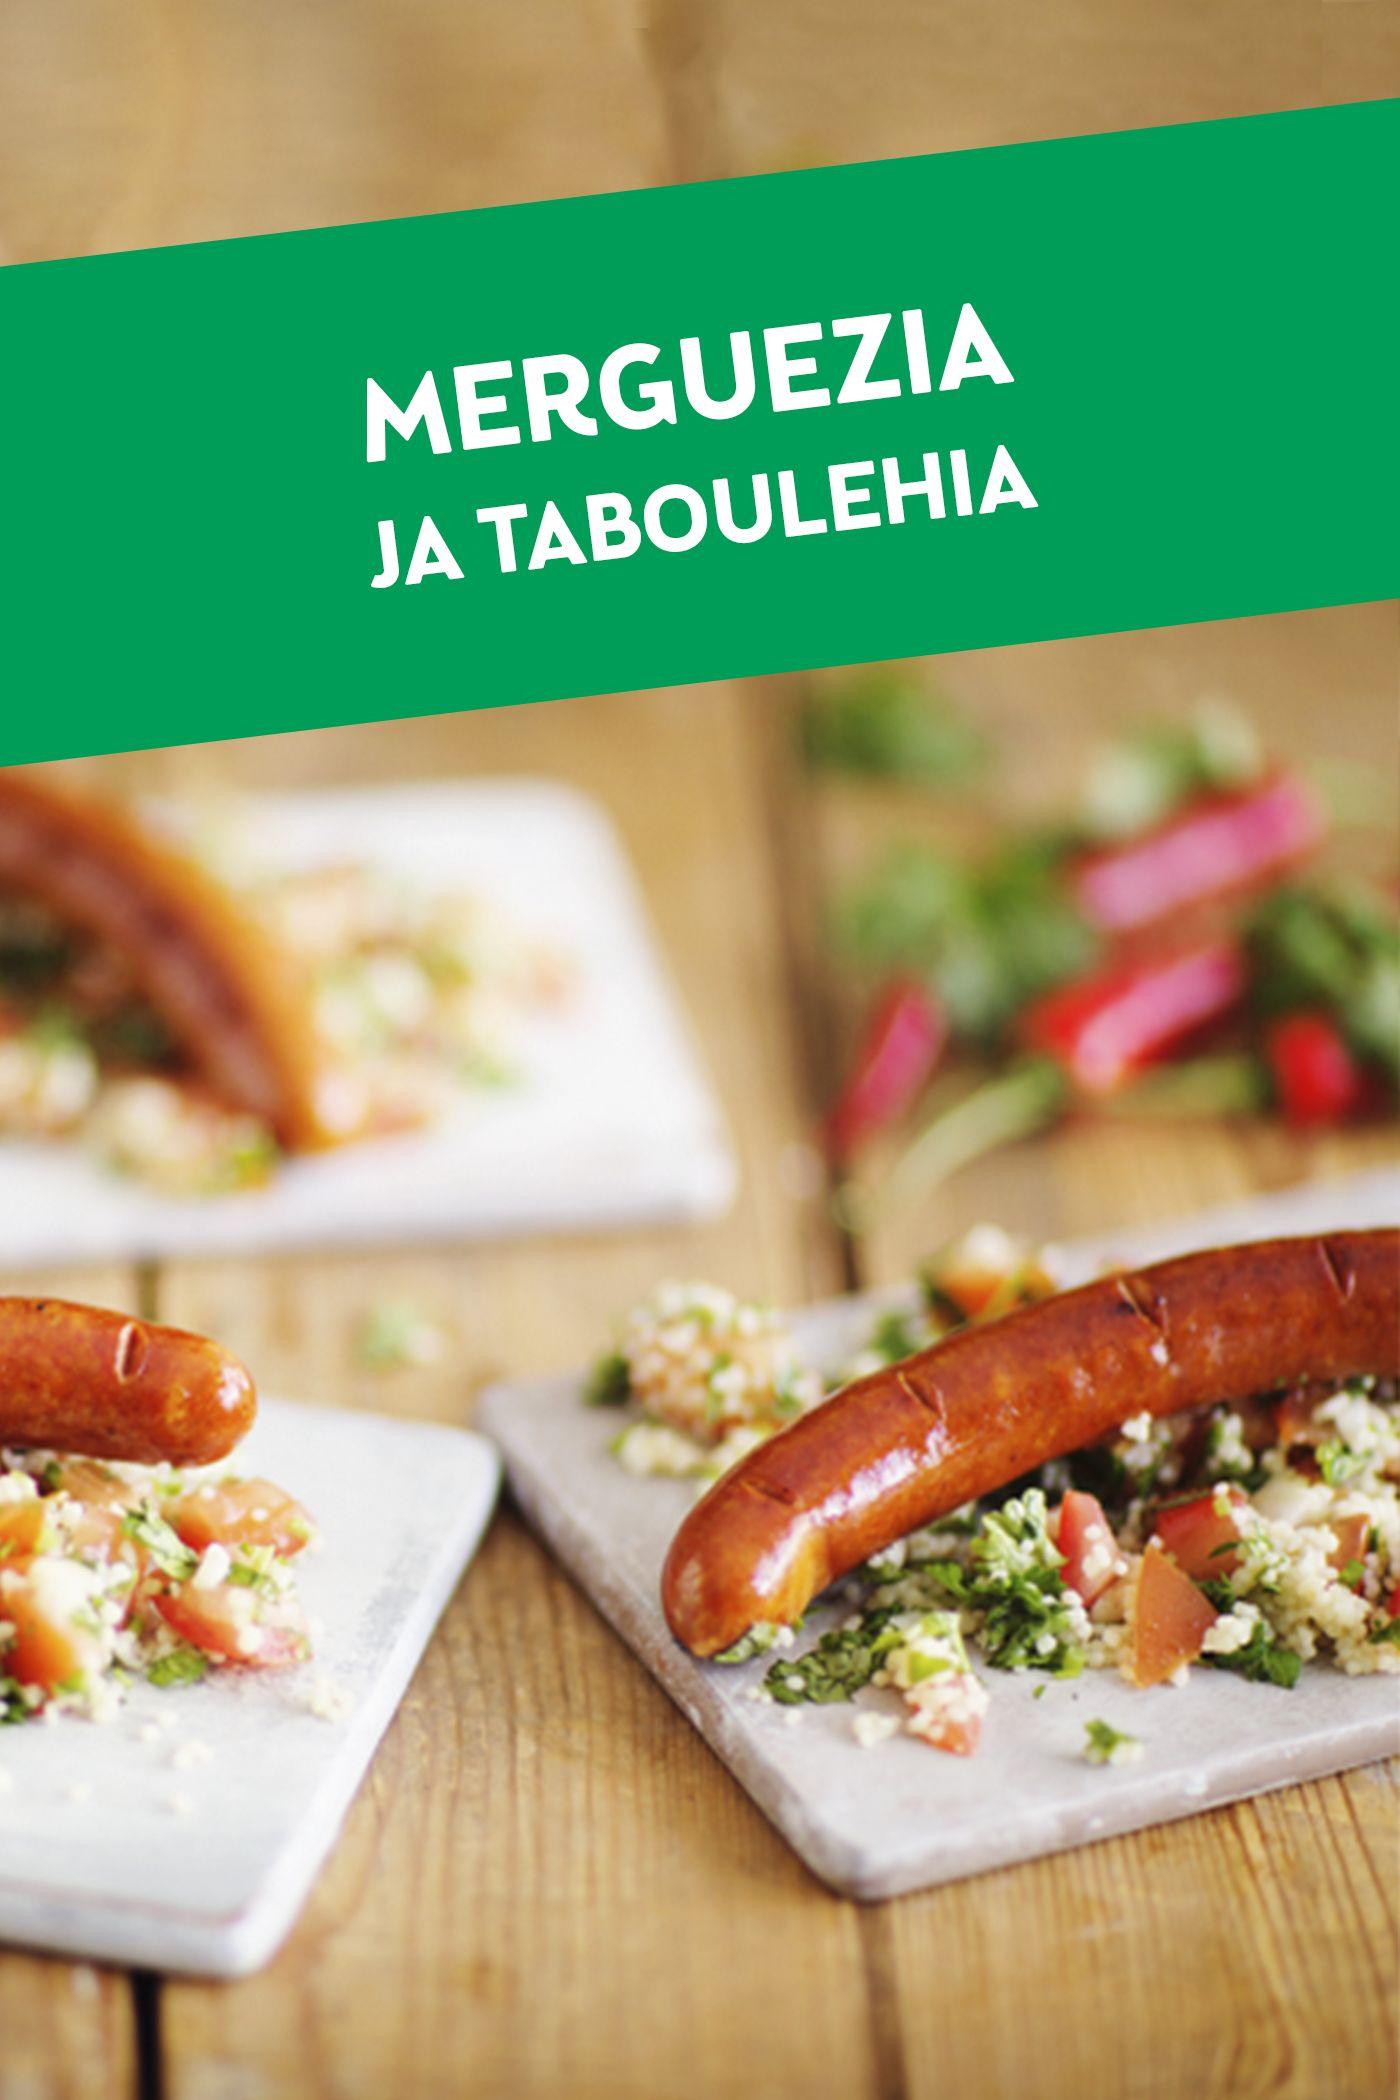 Merguez-makkara ja tabouleh-salaatti muodostavat herkullisen yhdistelmän mausteisen ruoan ystäville.